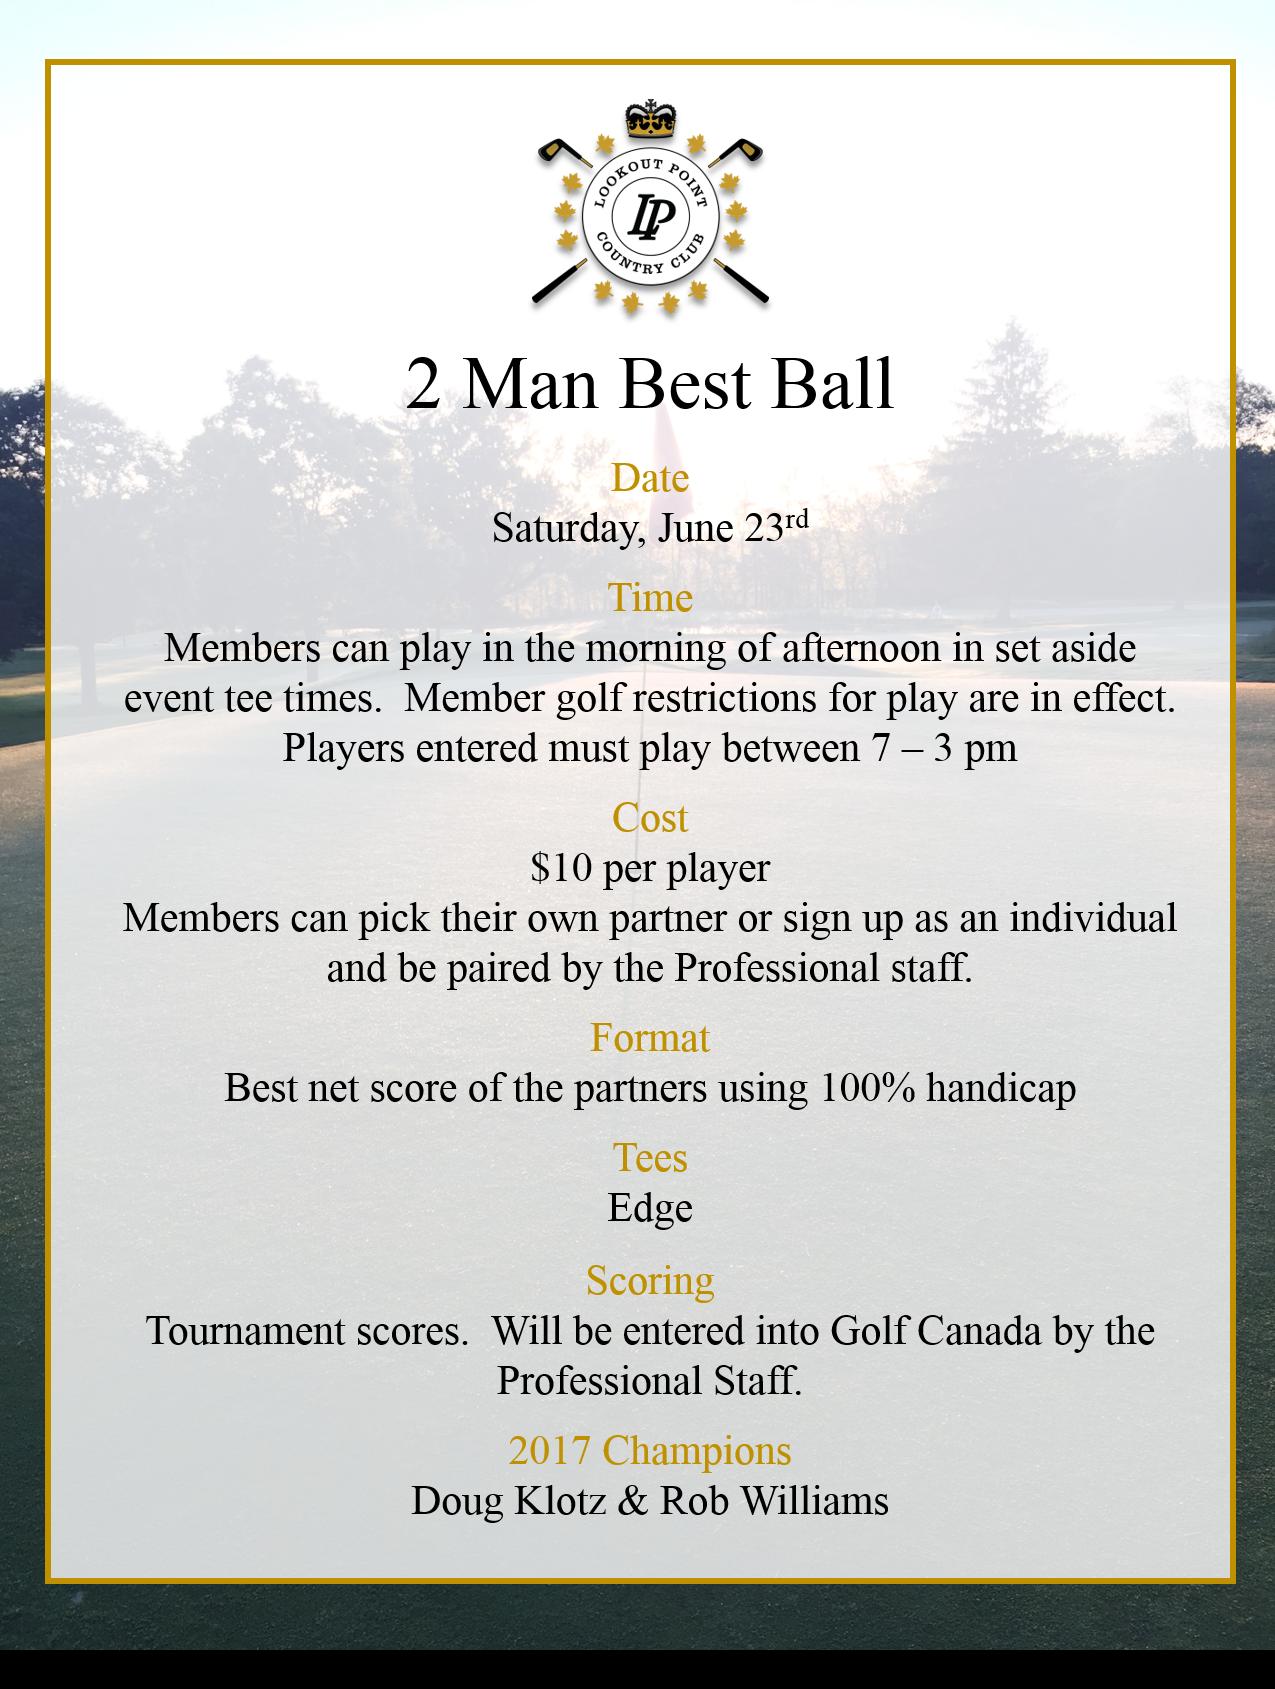 2_man_best_ball.png